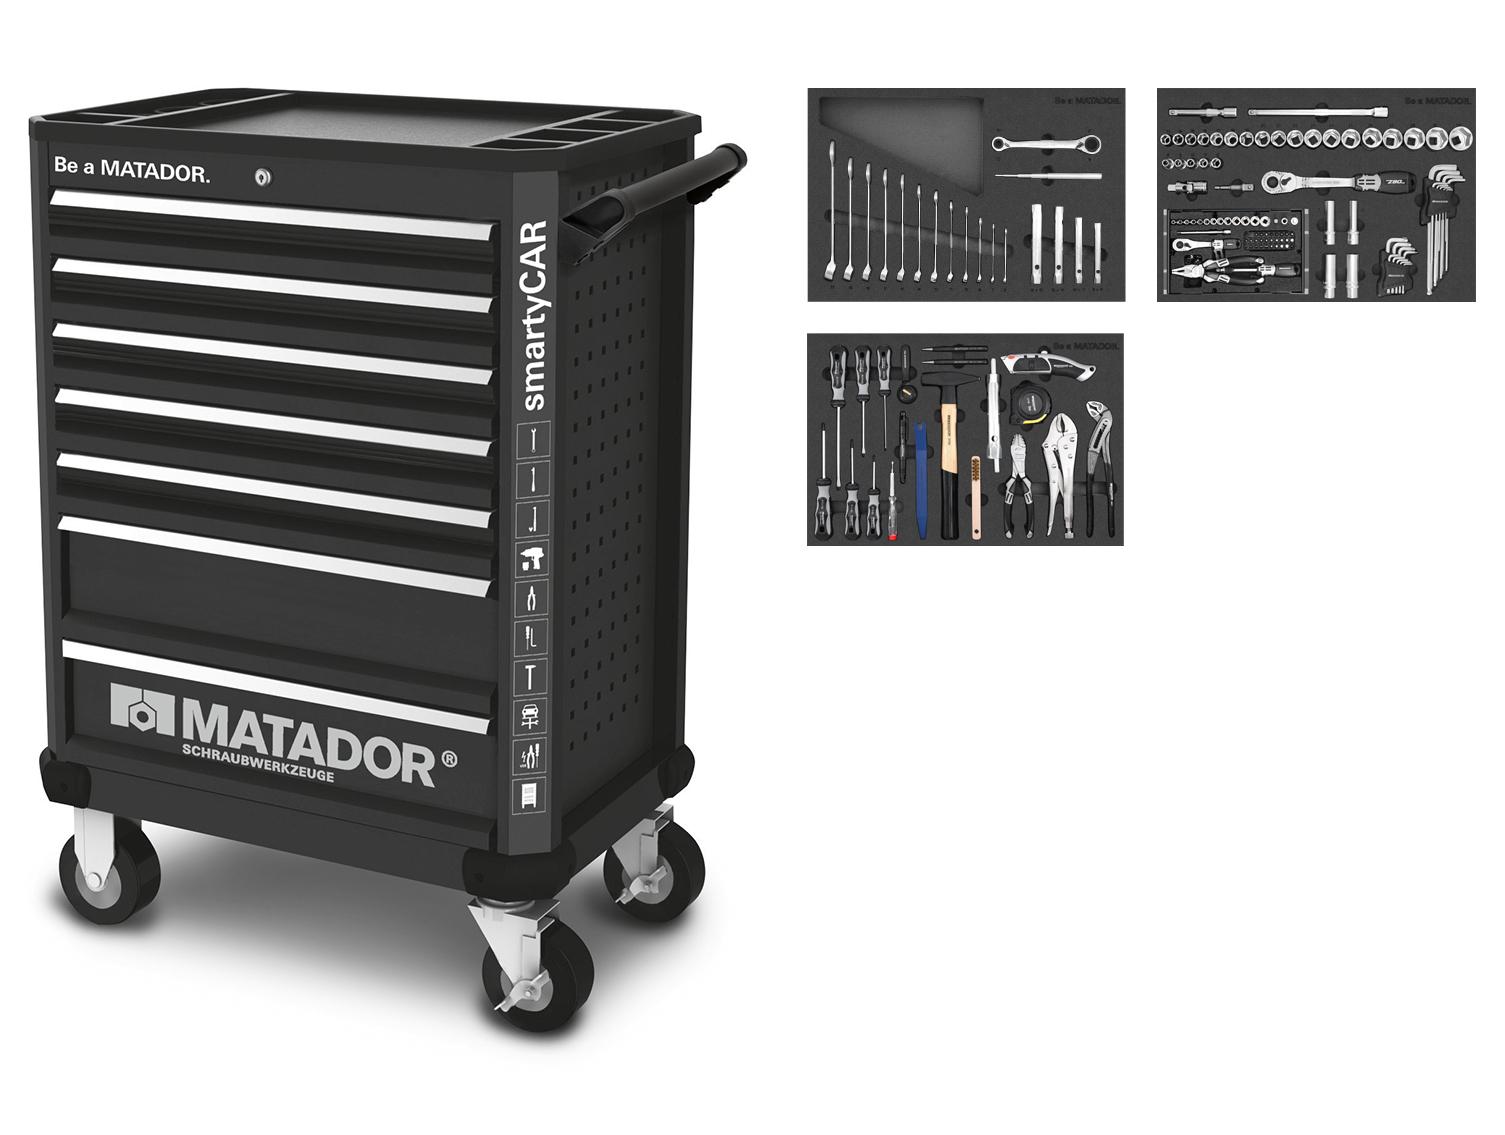 RATIO smartyCAR 150-tlg. MATADOR 81639150